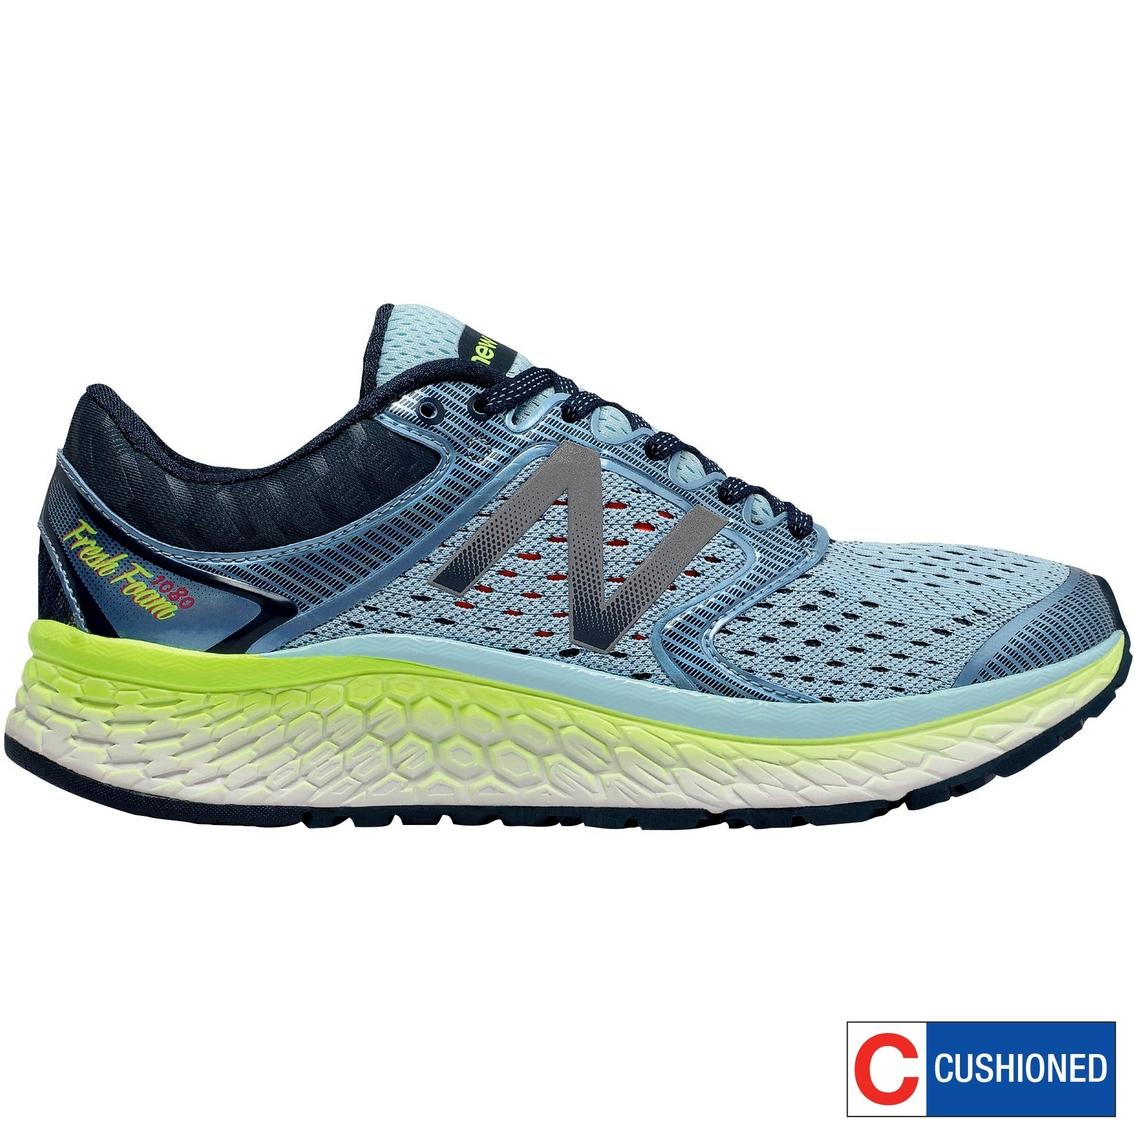 9de8f32718b70 New Balance Women s W1080by7 Fresh Foam 1080 Running Shoes